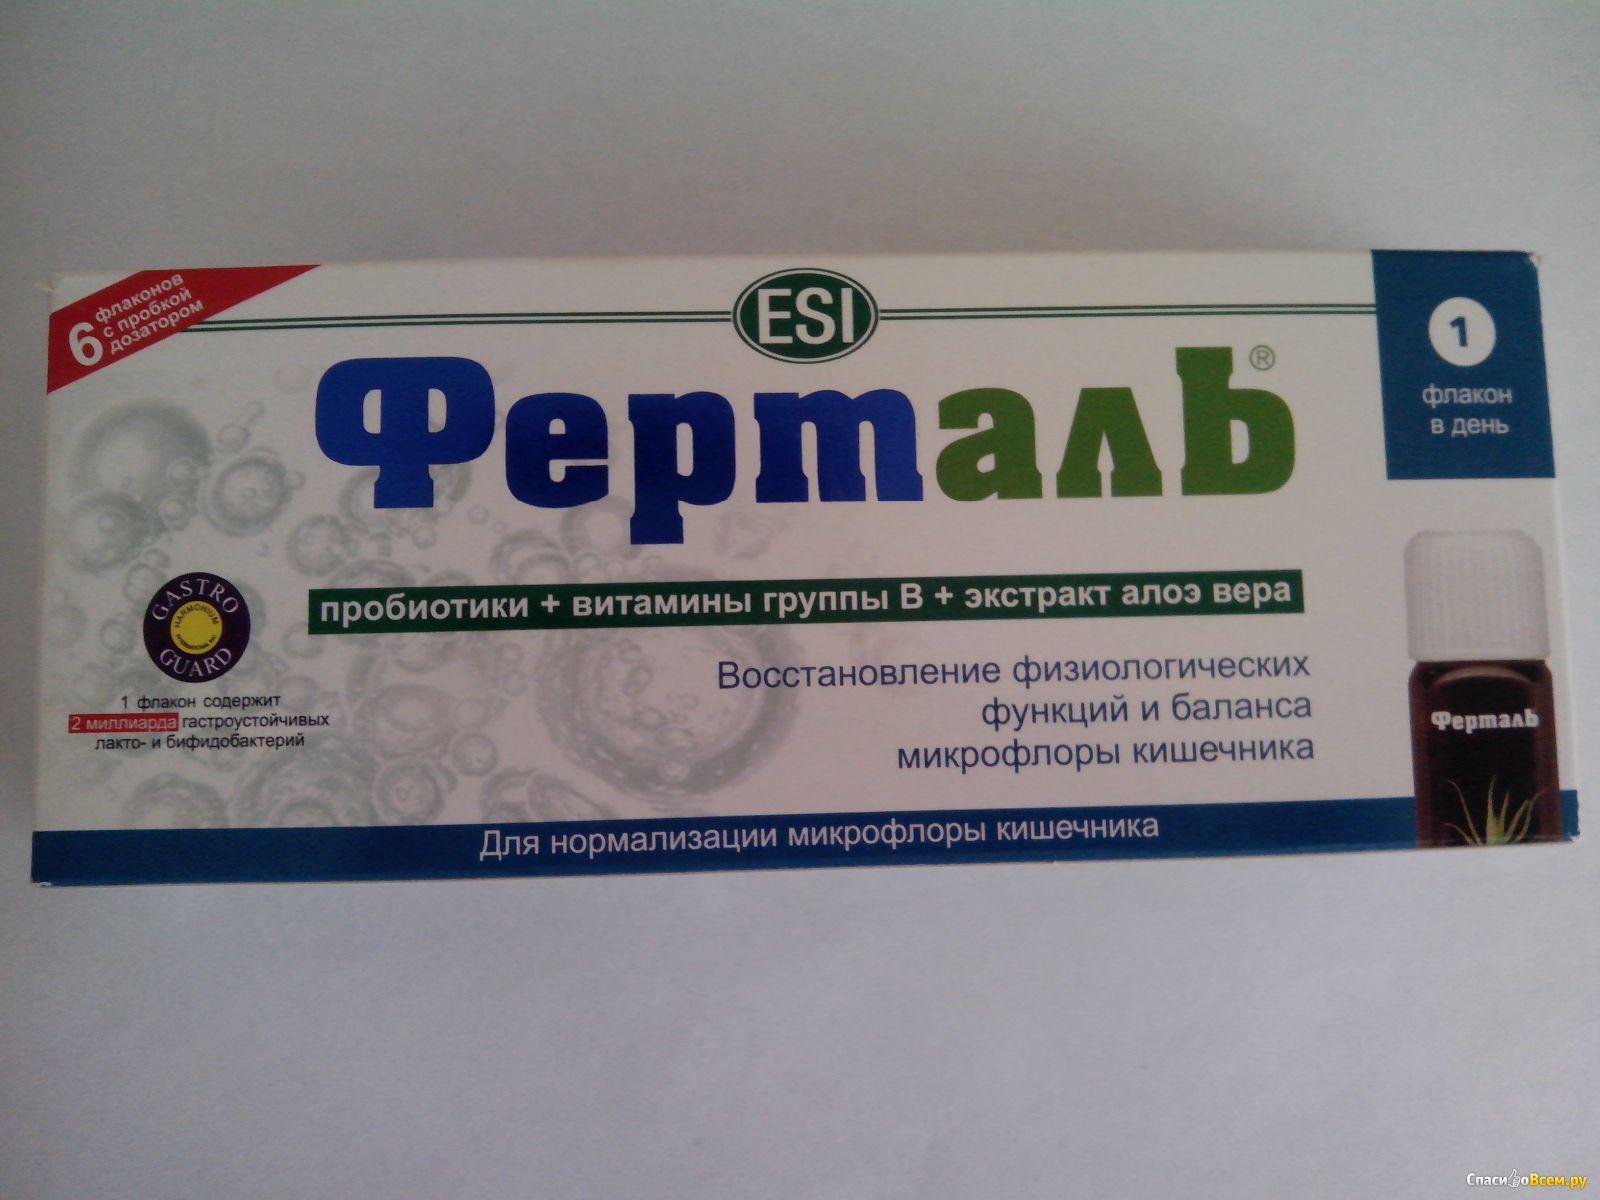 Пробиотики, пребиотики, синбиотики - определения и различия